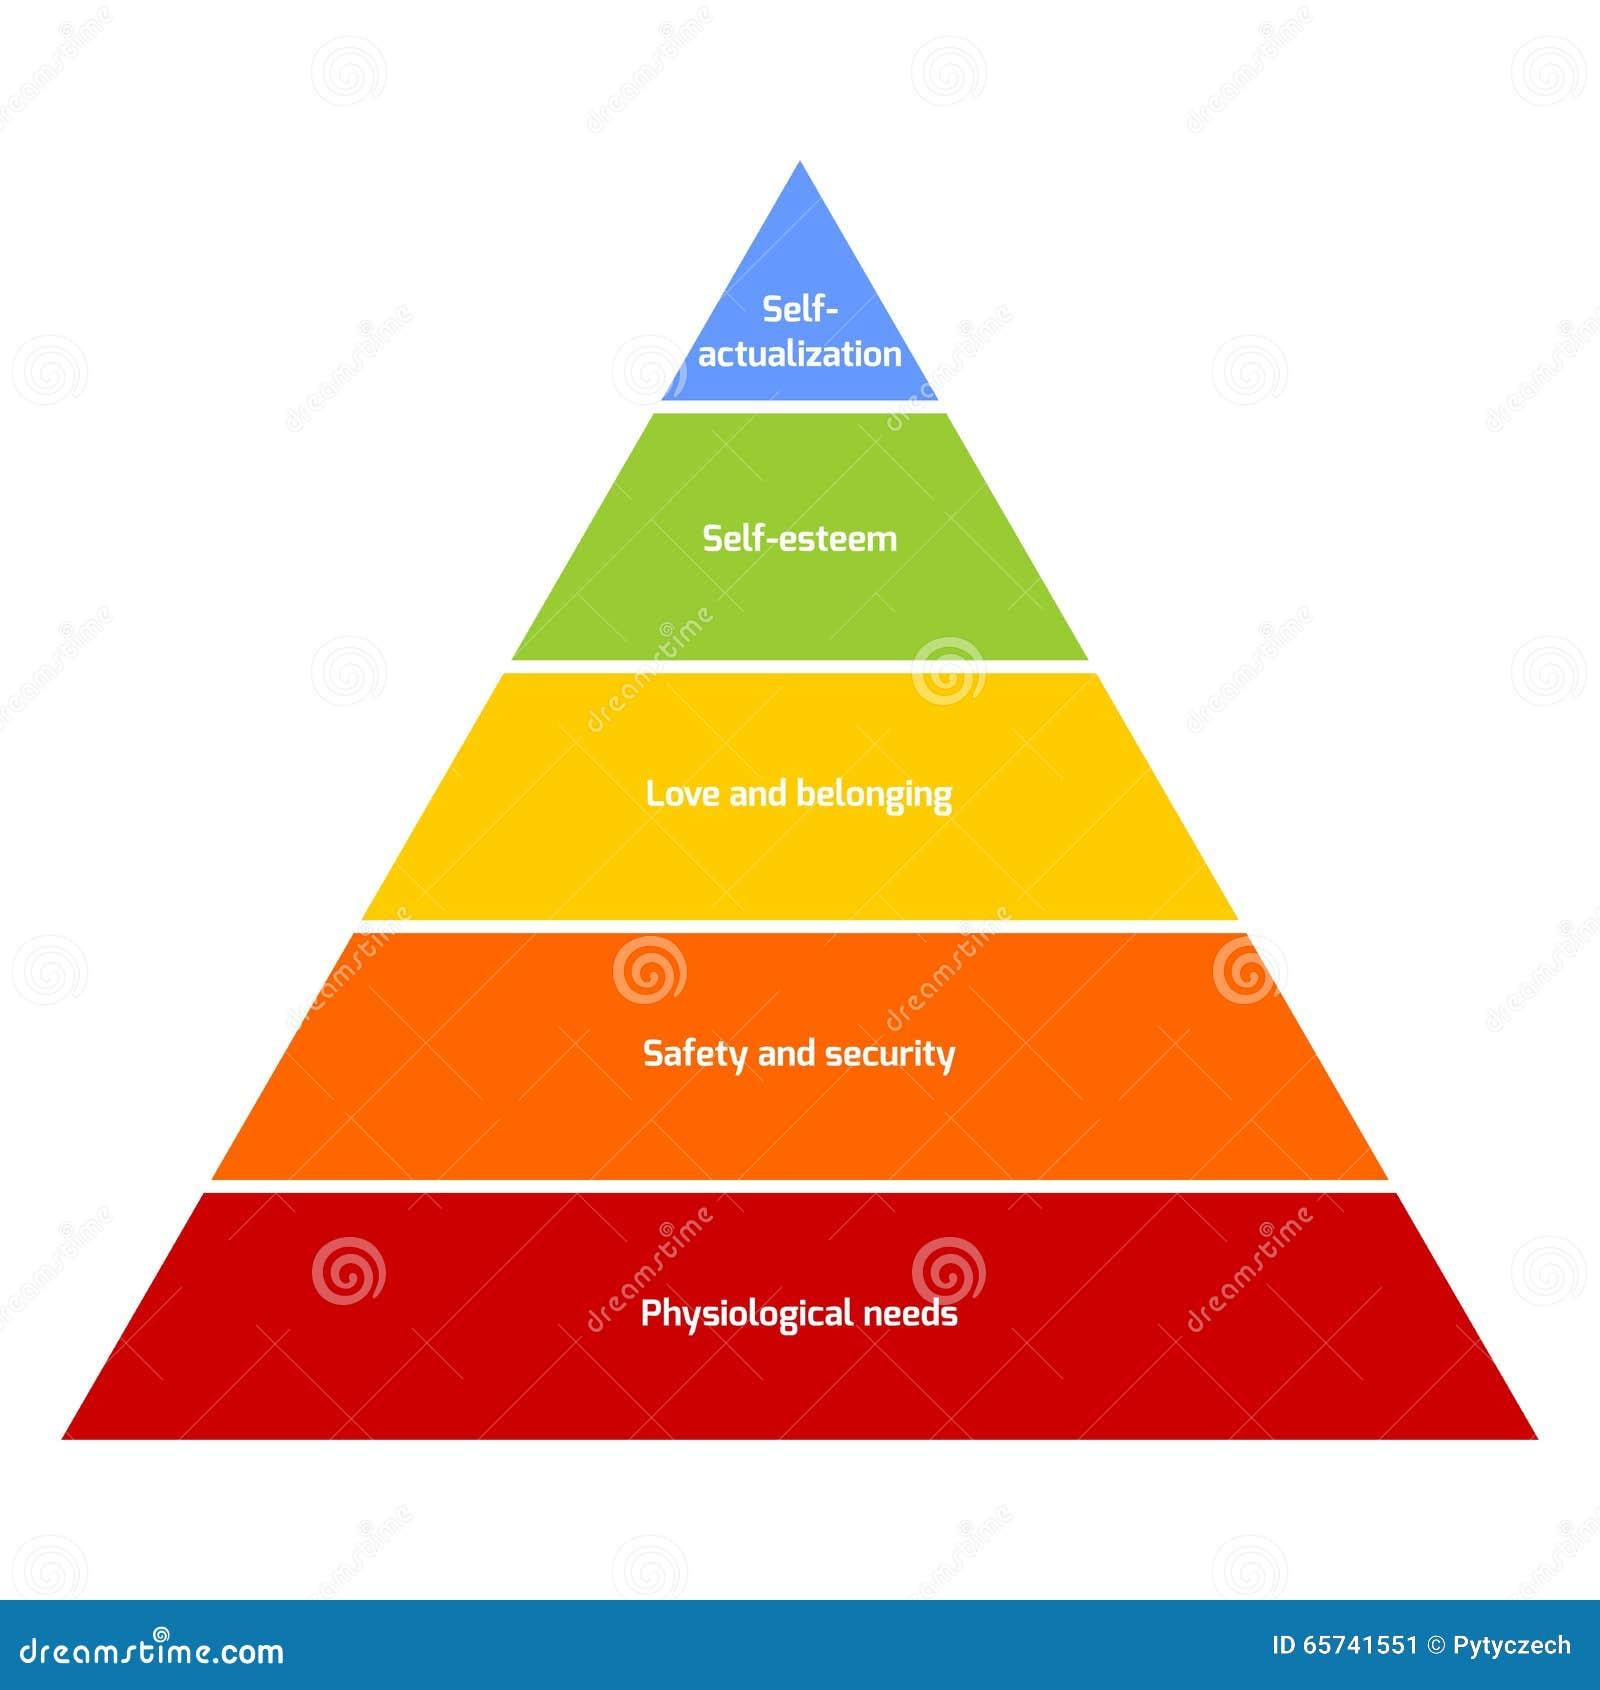 Maslows Pyramide des Bedarfs